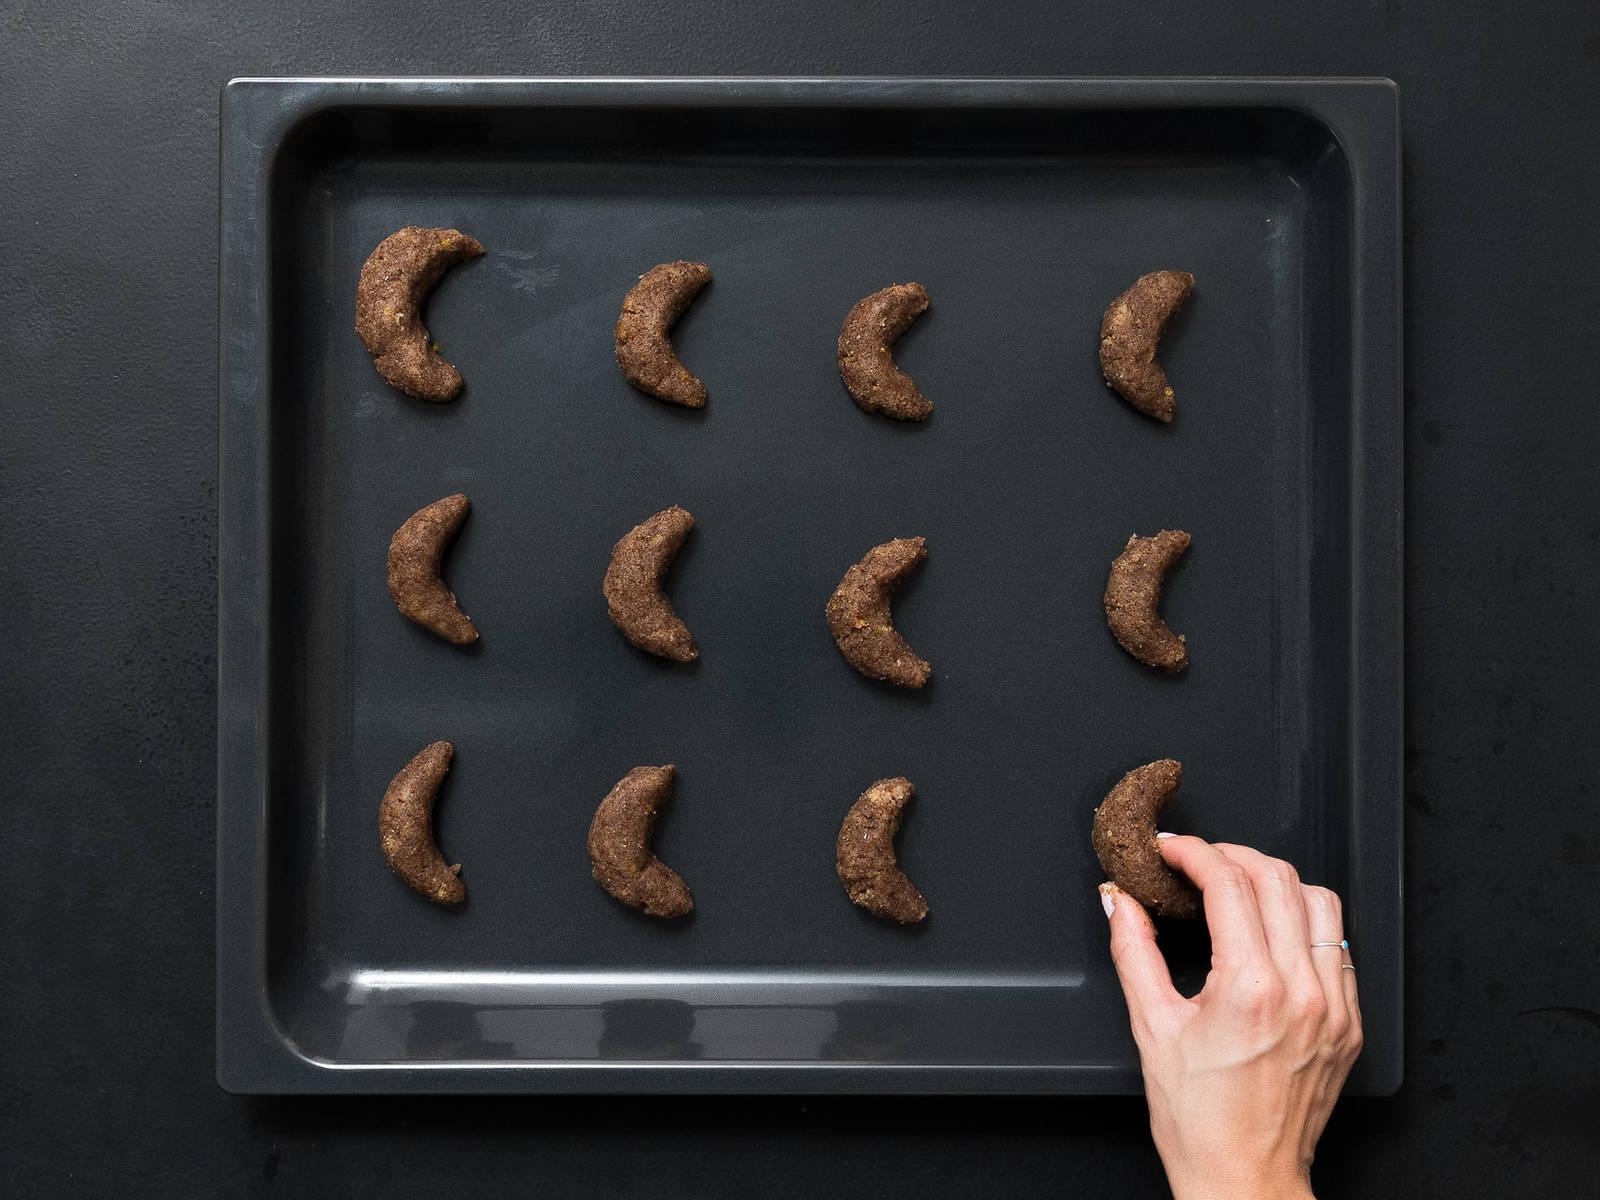 Backofen auf 150°C vorheizen. Teig aus dem Kühlschrank nehmen und zu kleinen Hörnchen formen. Auf ein mit Backpapier belegtes Blech geben und ca. 15 - 20 Min. im vorgeheizten Ofen backen. Anschließend aus dem Backofen nehmen und auf einem Kuchengitter auskühlen lassen.